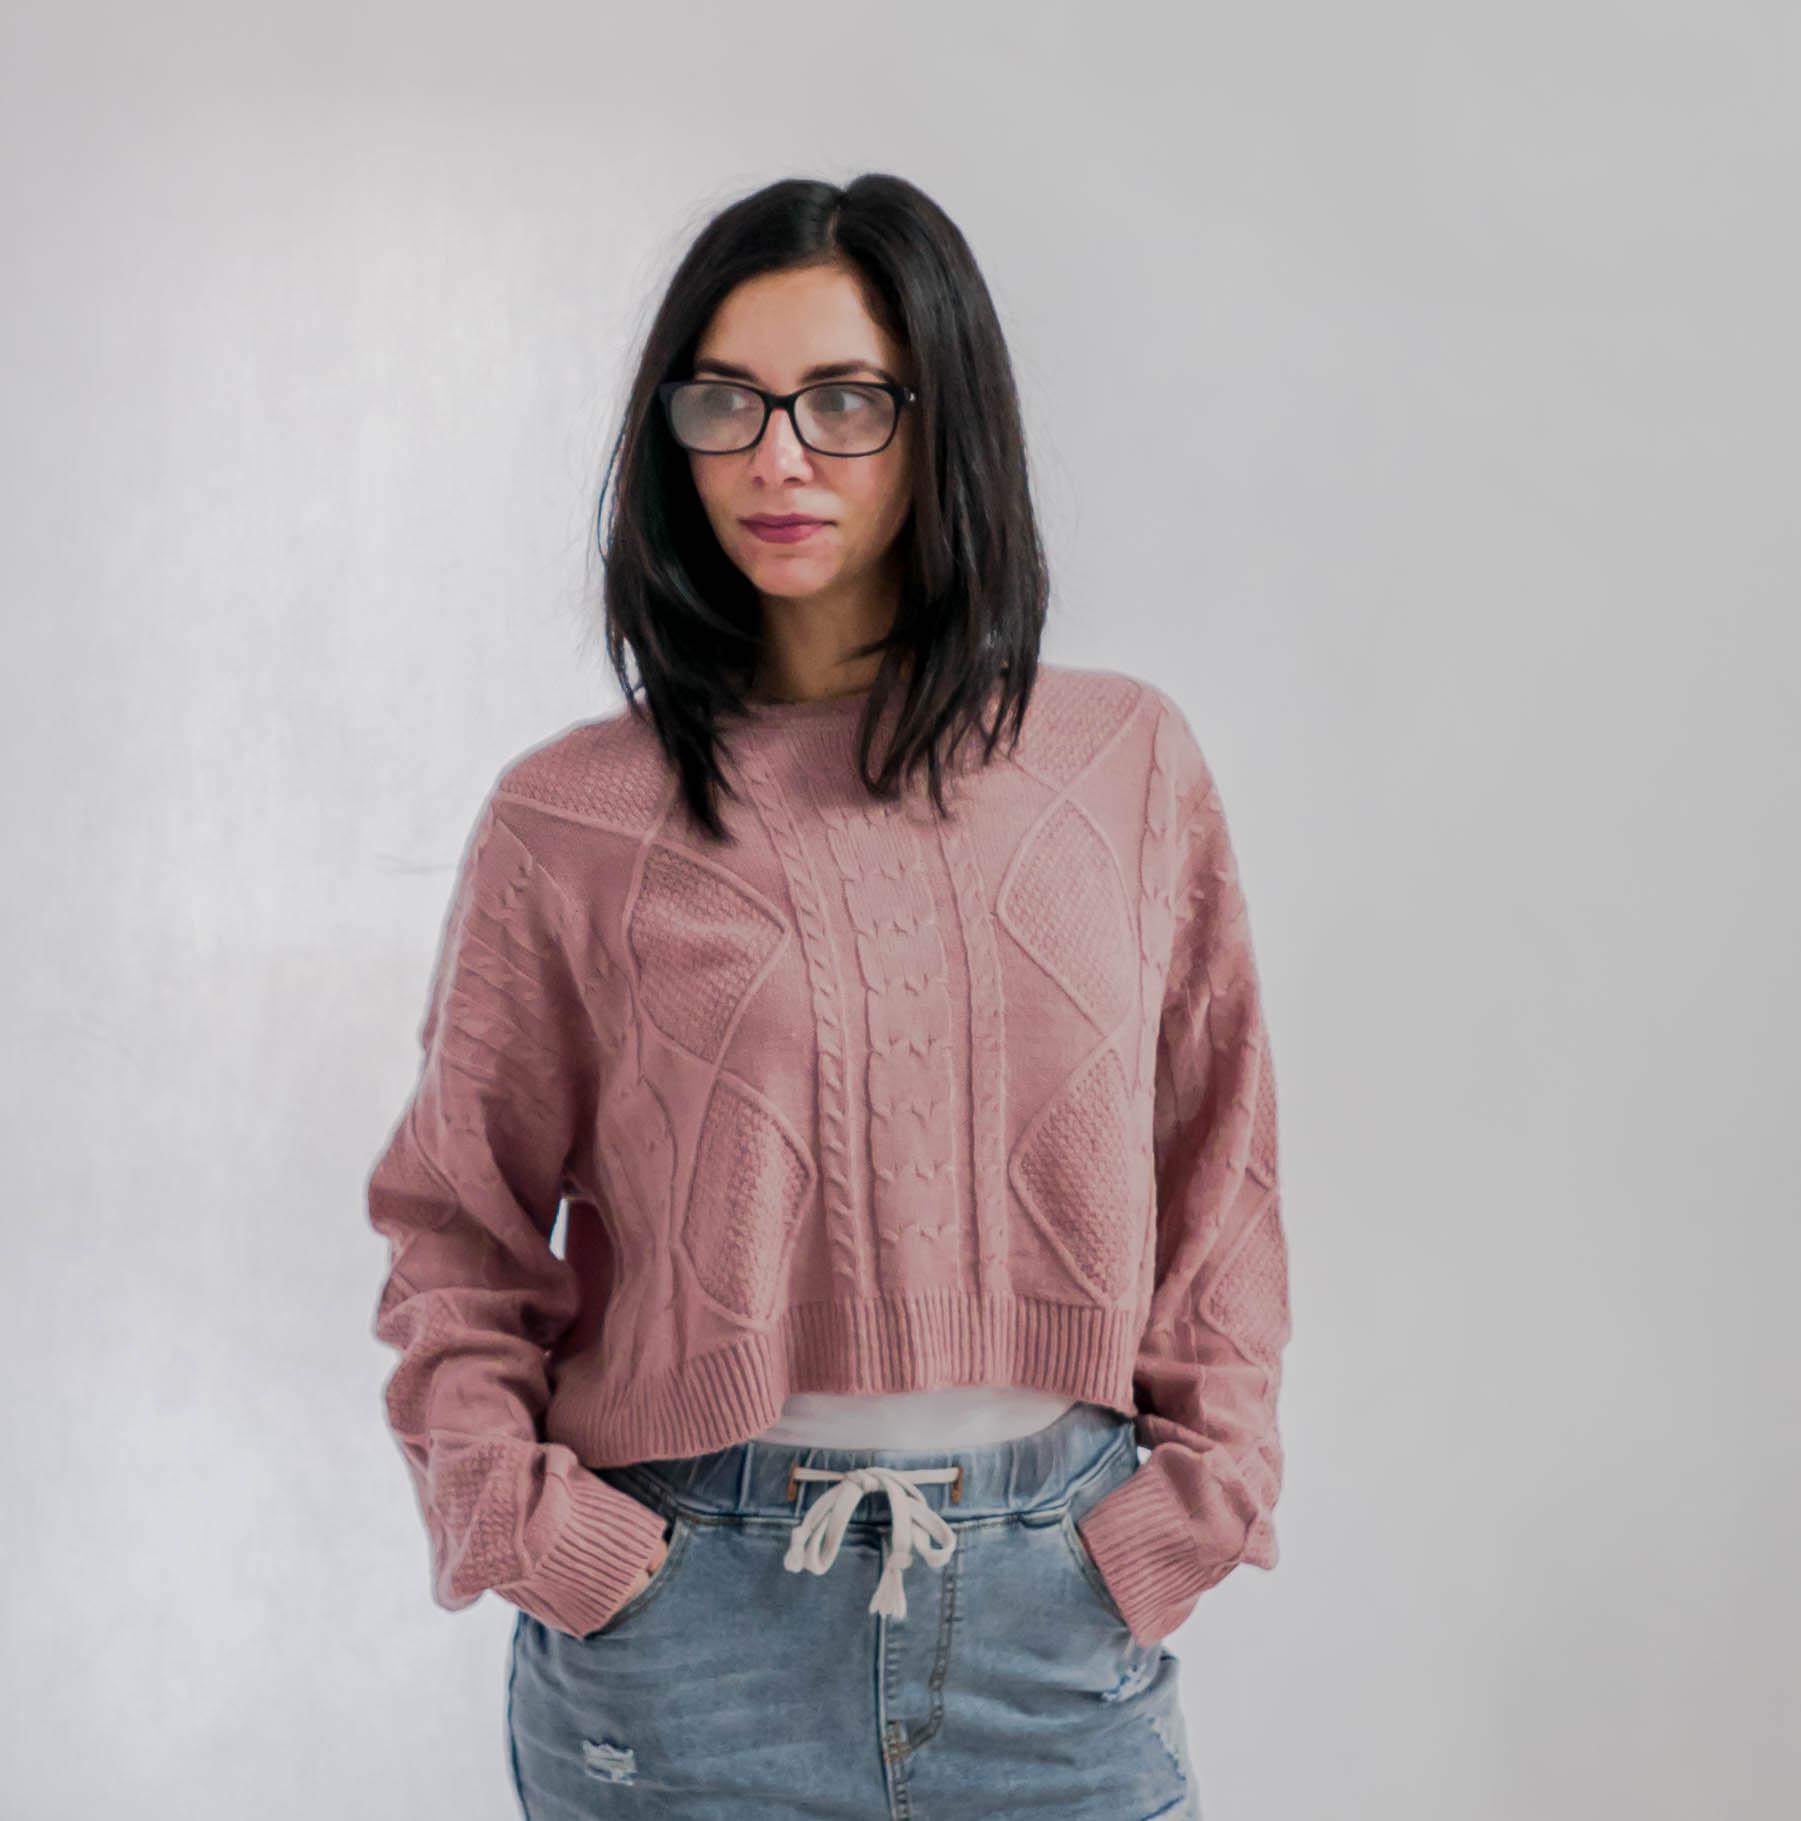 Wełniany sweterek w kolorze brudnego różu.